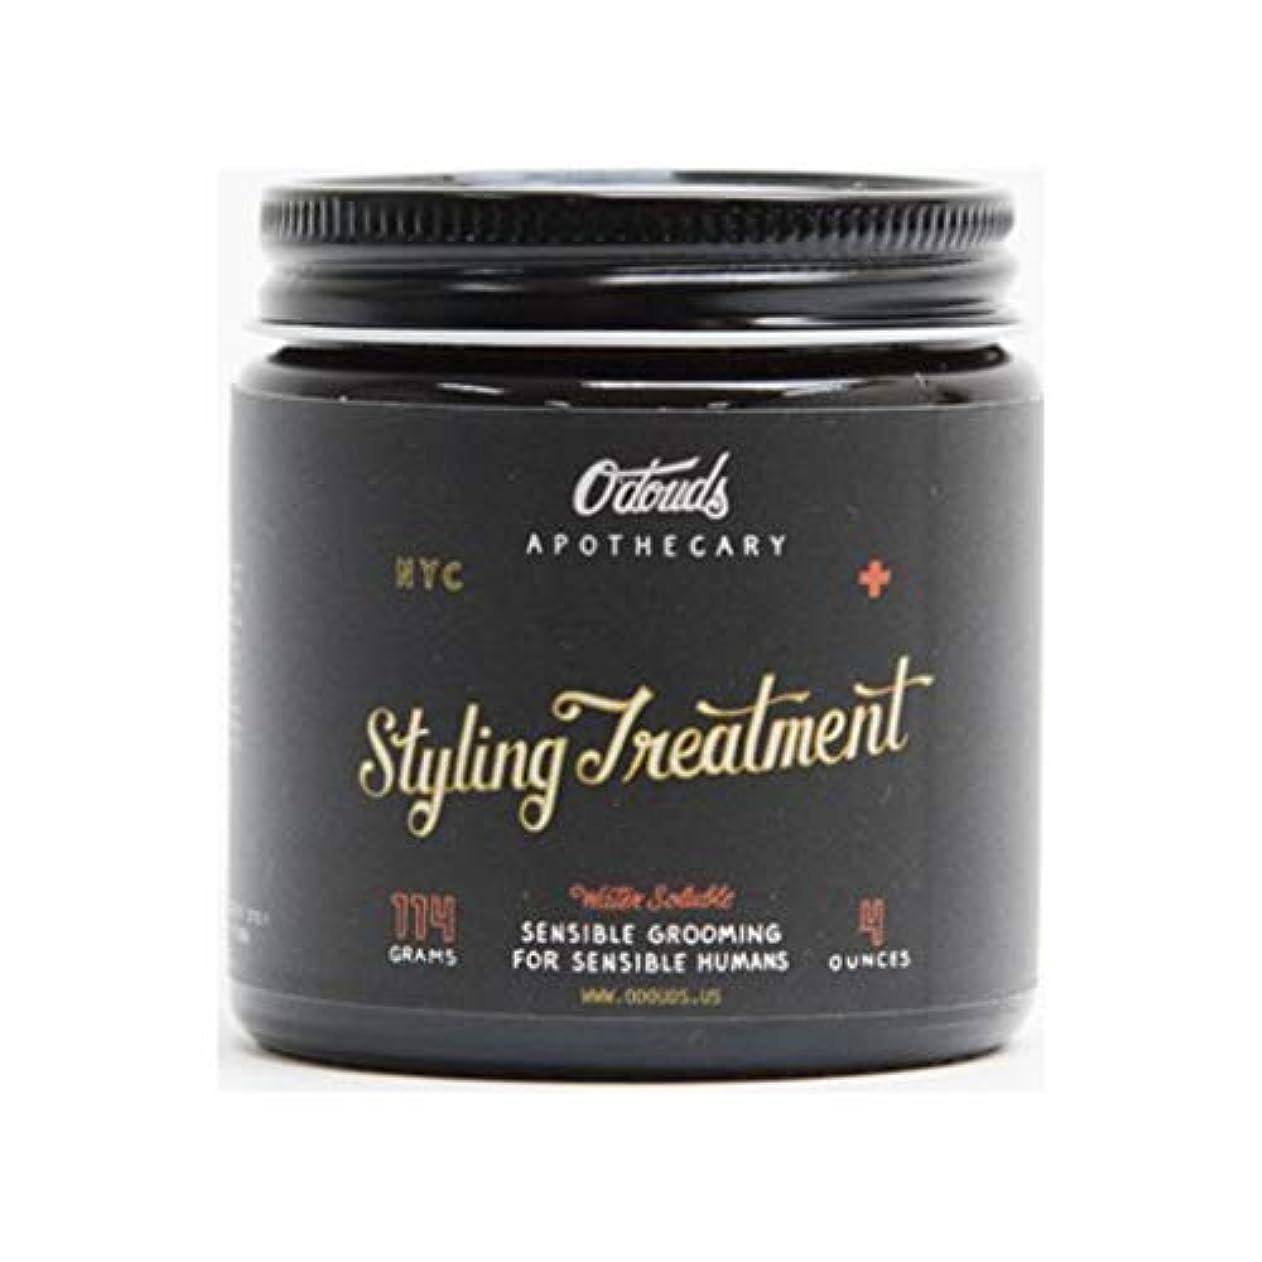 広大な苦しみすなわちO'Douds (オダウズ) スタイリングトリートメント STYLING TREATMENT メンズ 整髪料 水性 ポマード ヘアクリーム ヘアオイル ヘアグリース ヘアワックス ナチュラルシャイン ライトホールド ヴィーガン